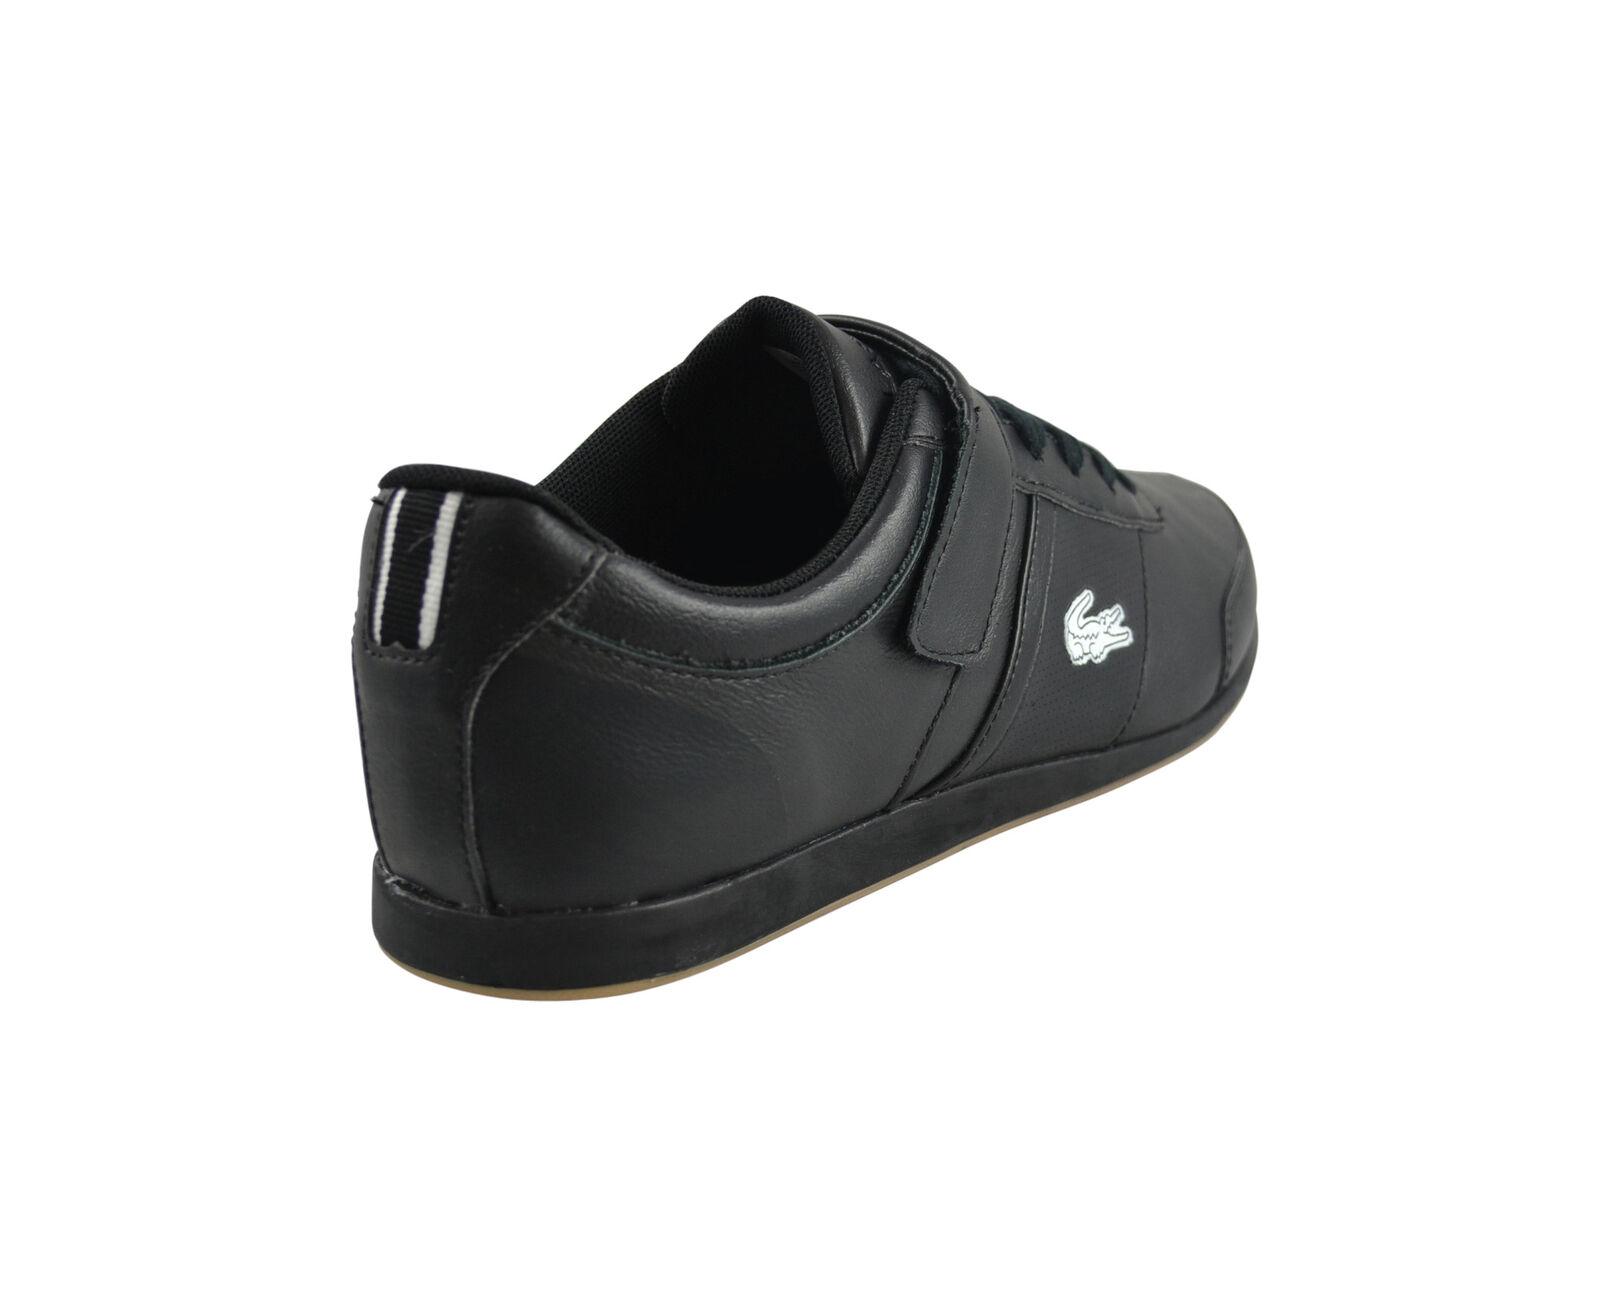 Lacoste Embrun Rei SPM Negro/Negro tamaños zapatos/cortos tamaños Negro/Negro selección 08da03